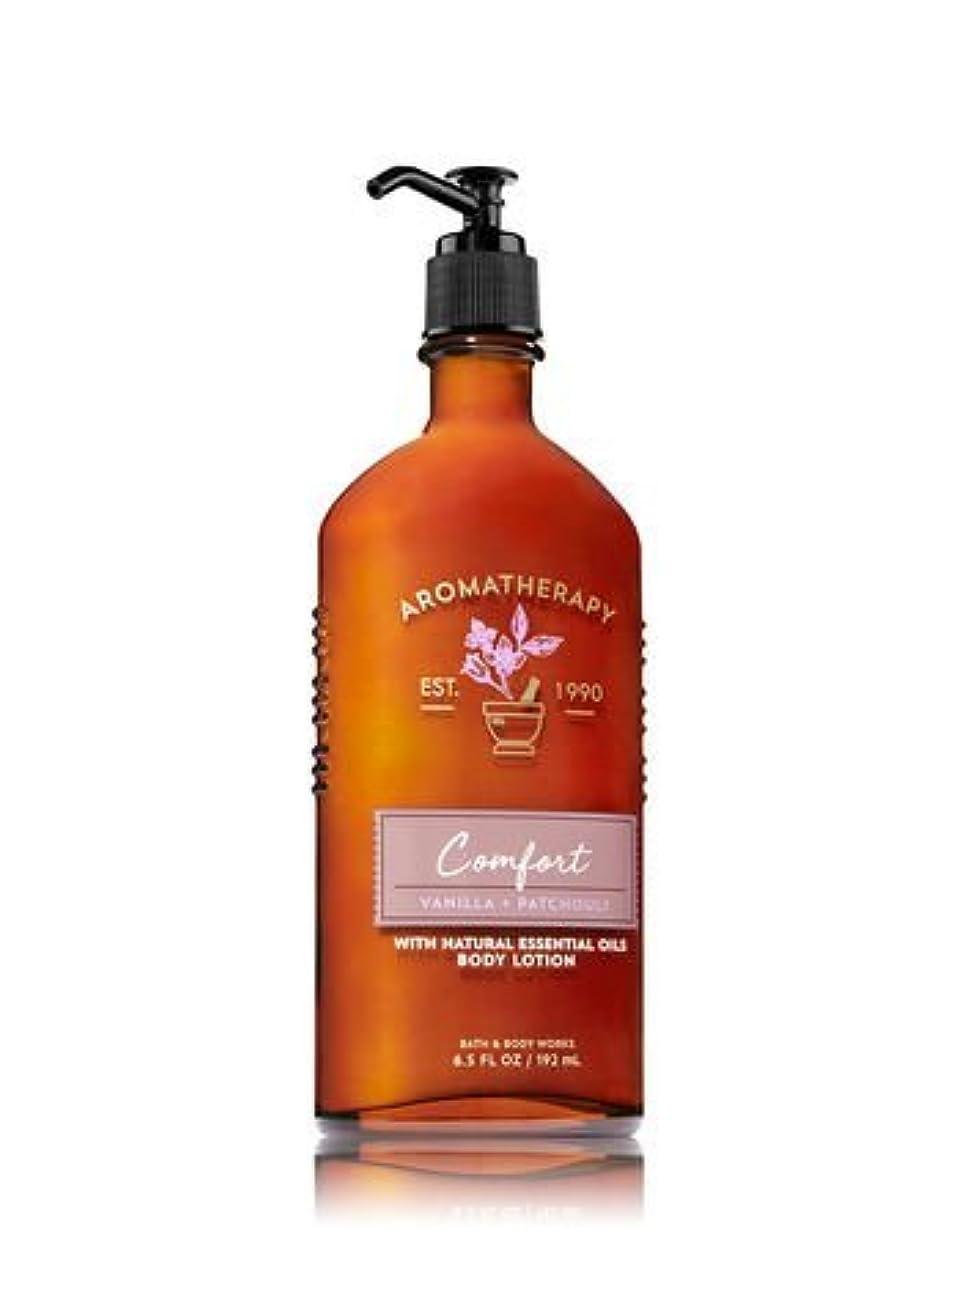 予感繰り返す体【Bath&Body Works/バス&ボディワークス】 ボディローション アロマセラピー コンフォート バニラパチョリ Body Lotion Aromatherapy Comfort Vanilla Patchouli 6.5 fl oz / 192 mL [並行輸入品]